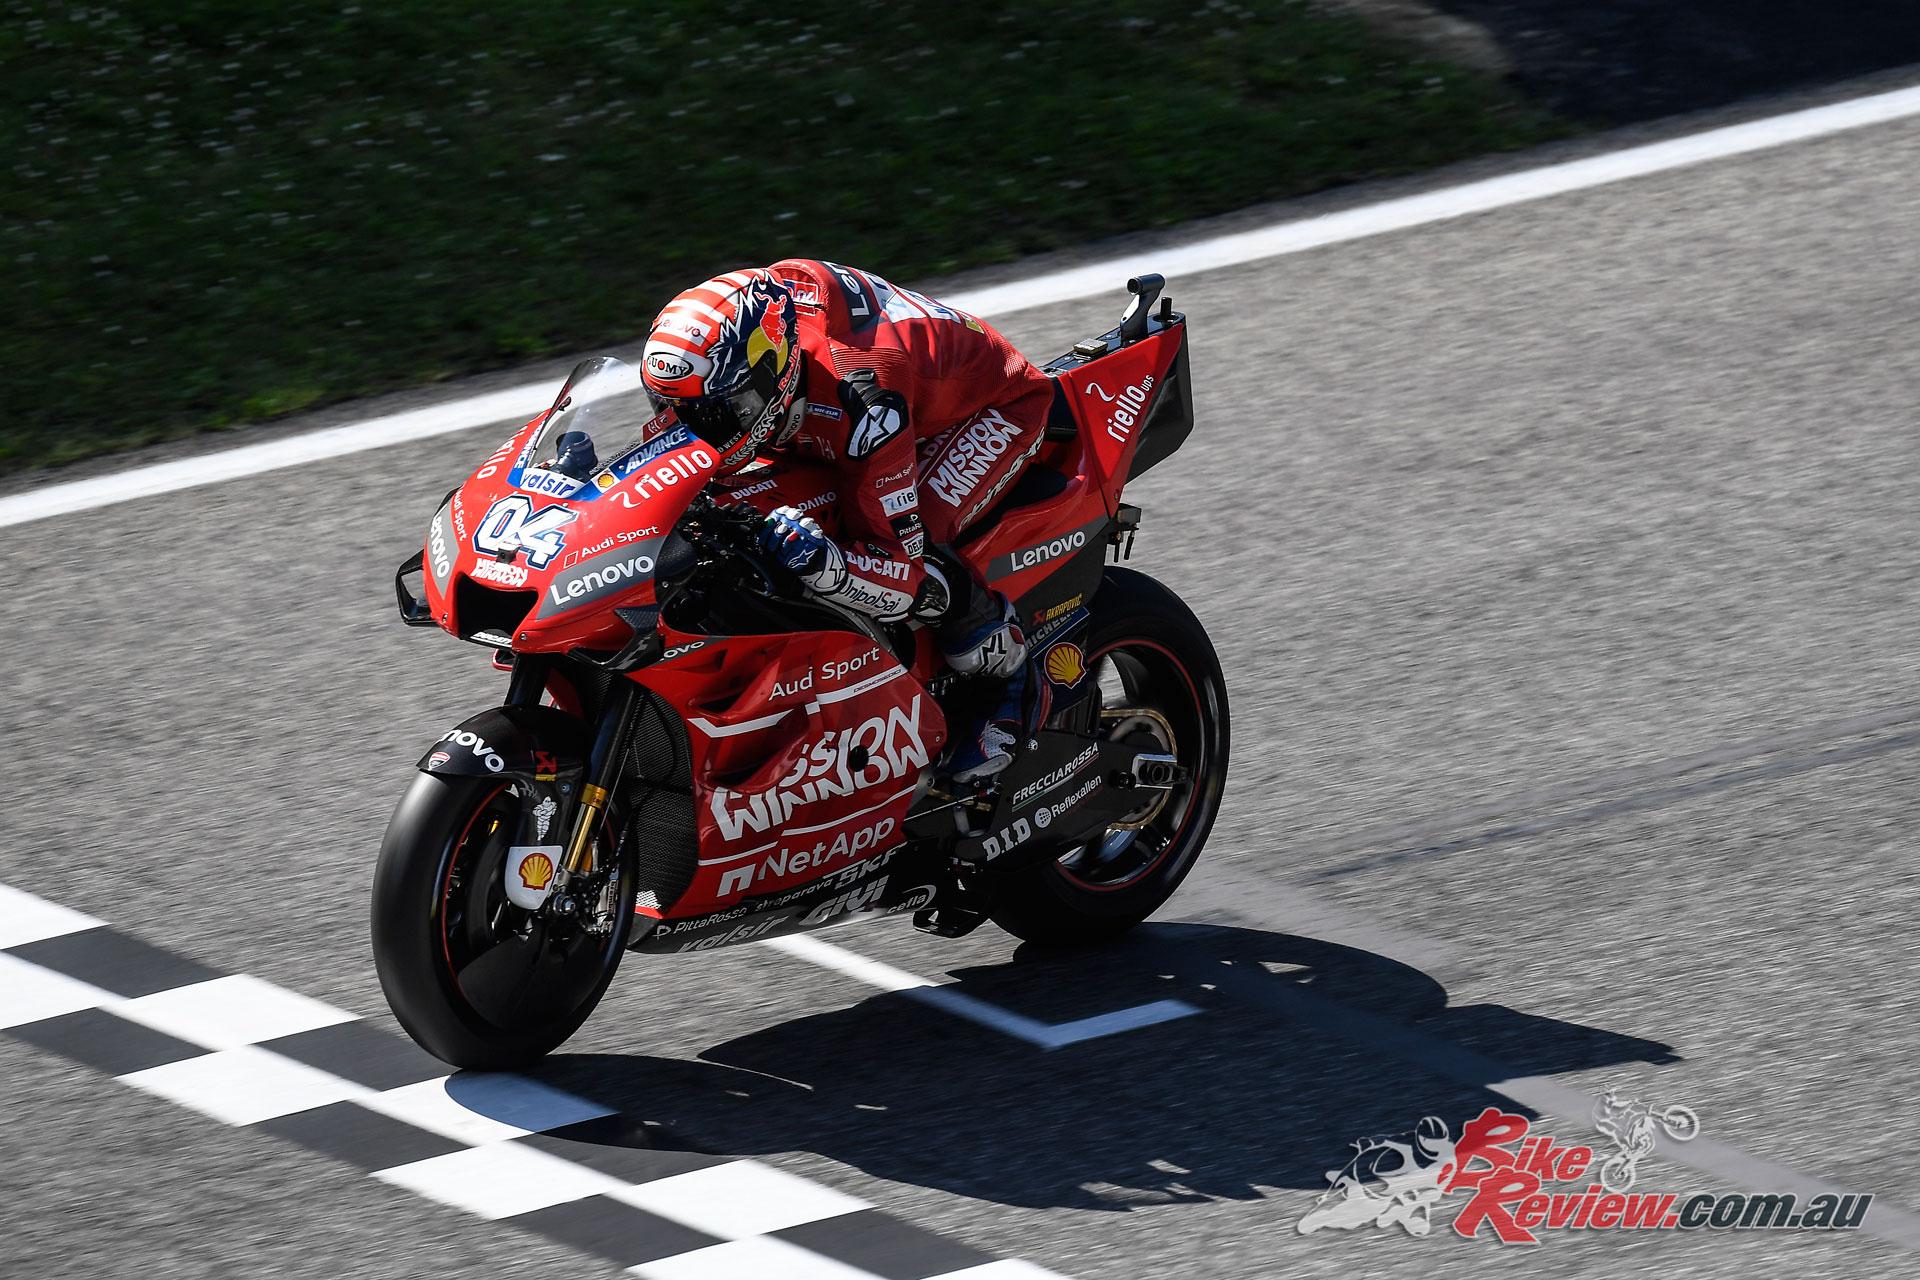 Andrea Dovizioso - 2019 MotoGP Round 6 Mugello